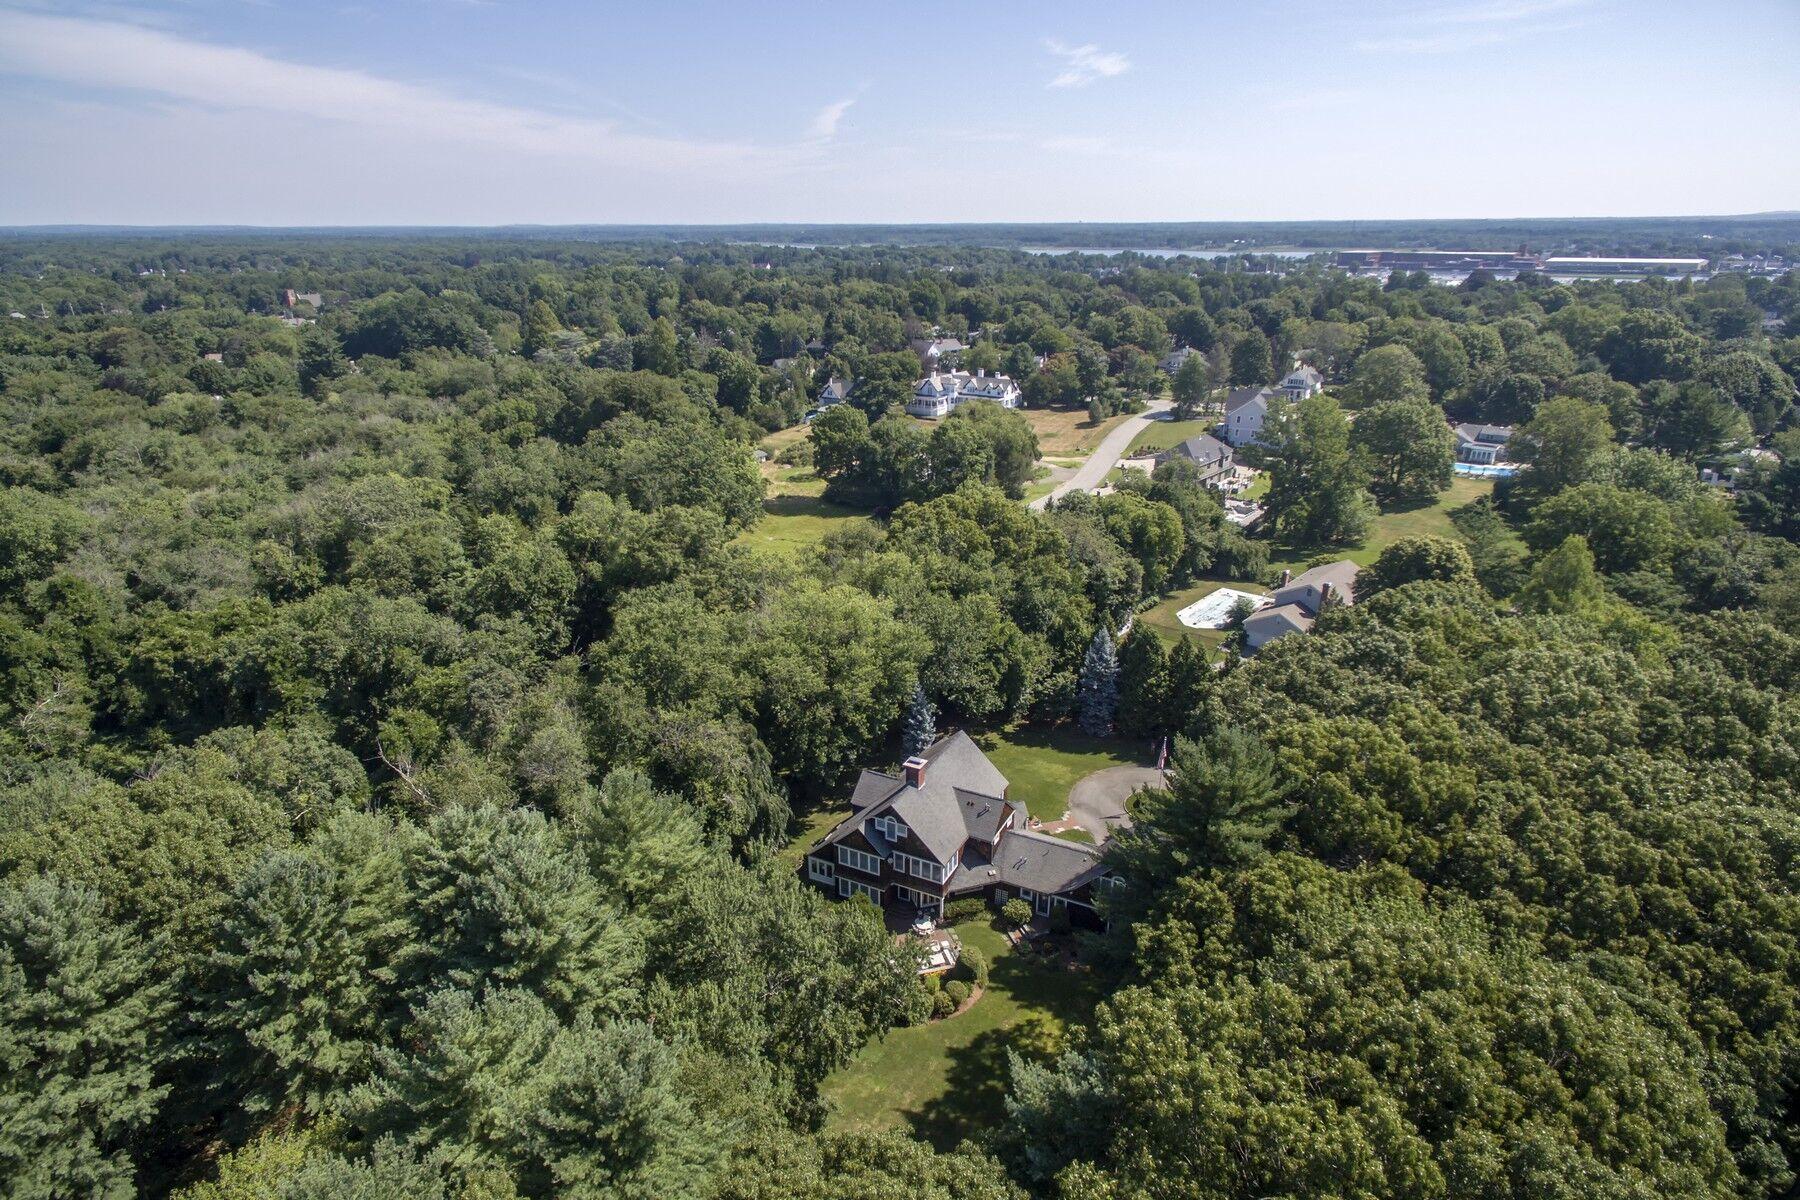 Villa per Vendita alle ore 77 Rumstick Road Barrington, RI 02806 77 Rumstick Rd Barrington, Rhode Island, 02806 Stati Uniti